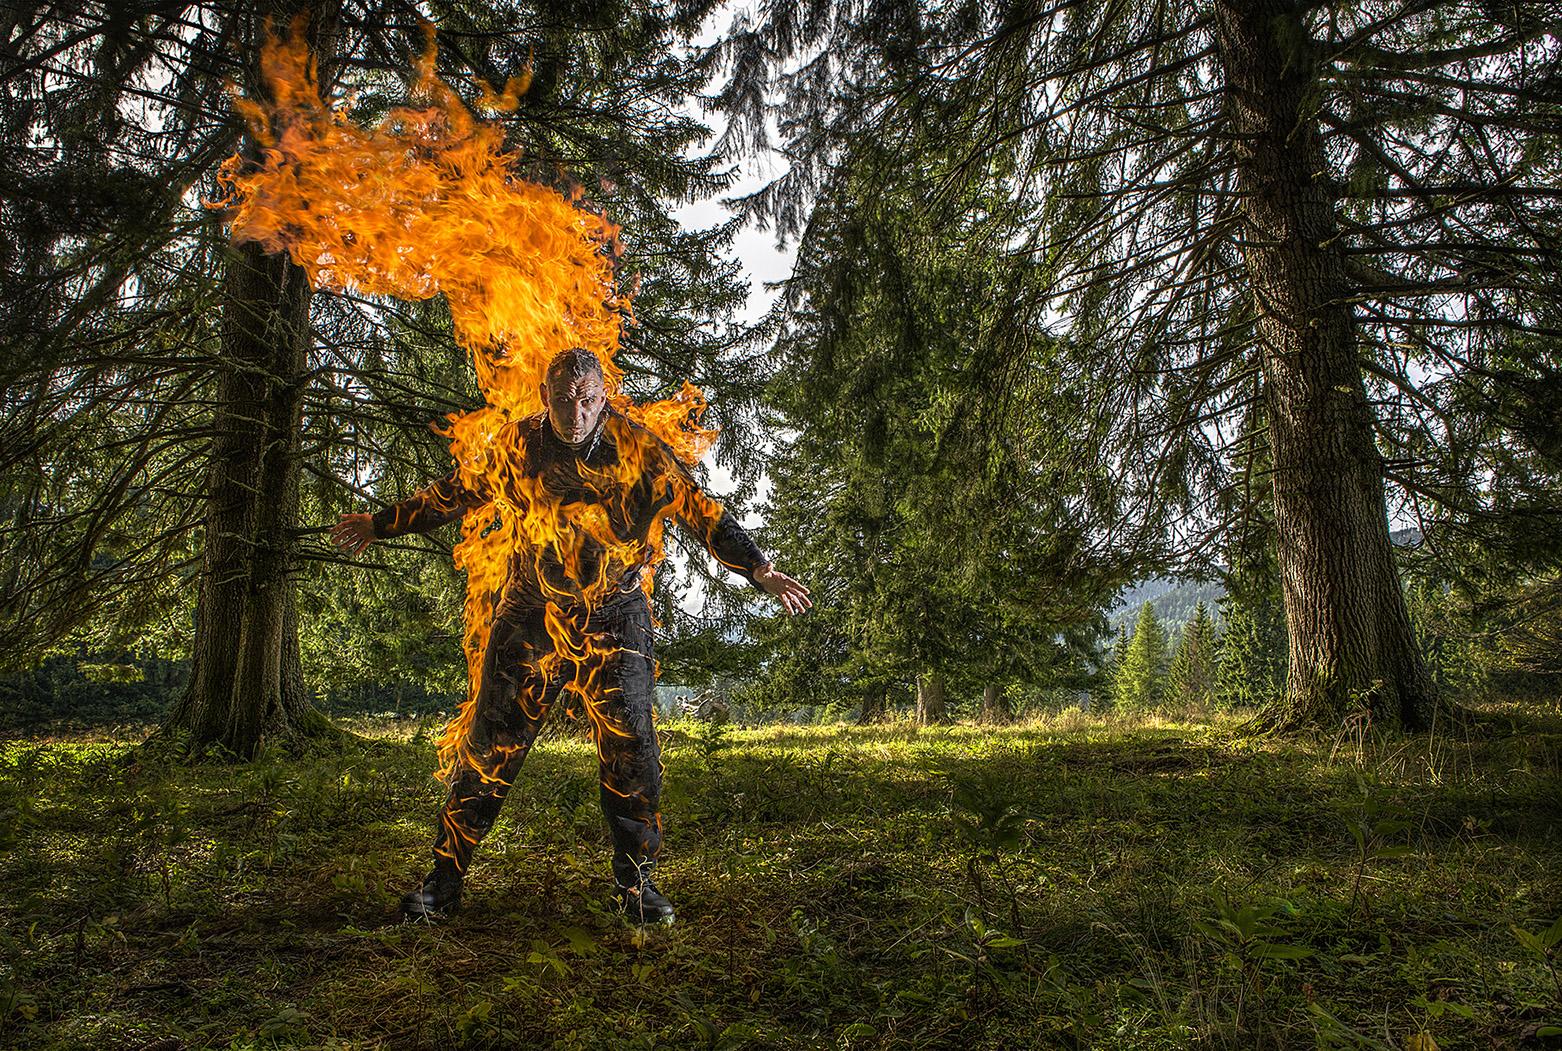 Final-Burning-Manb-2